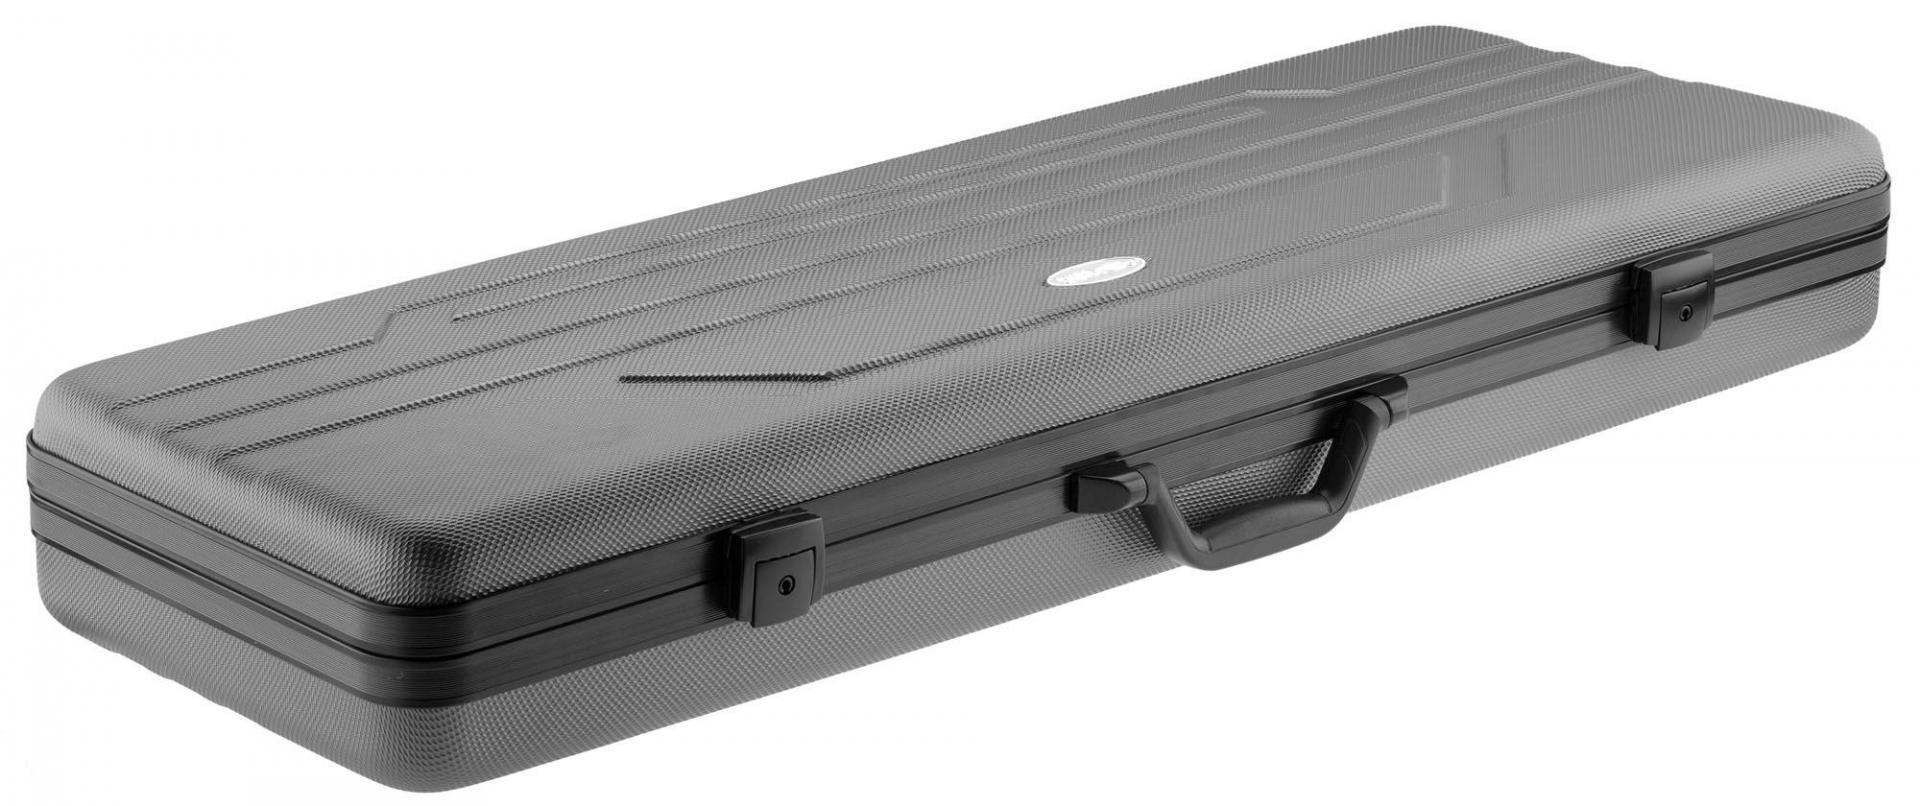 mallette pour transport a rien de fusil longueur 96 cms. Black Bedroom Furniture Sets. Home Design Ideas